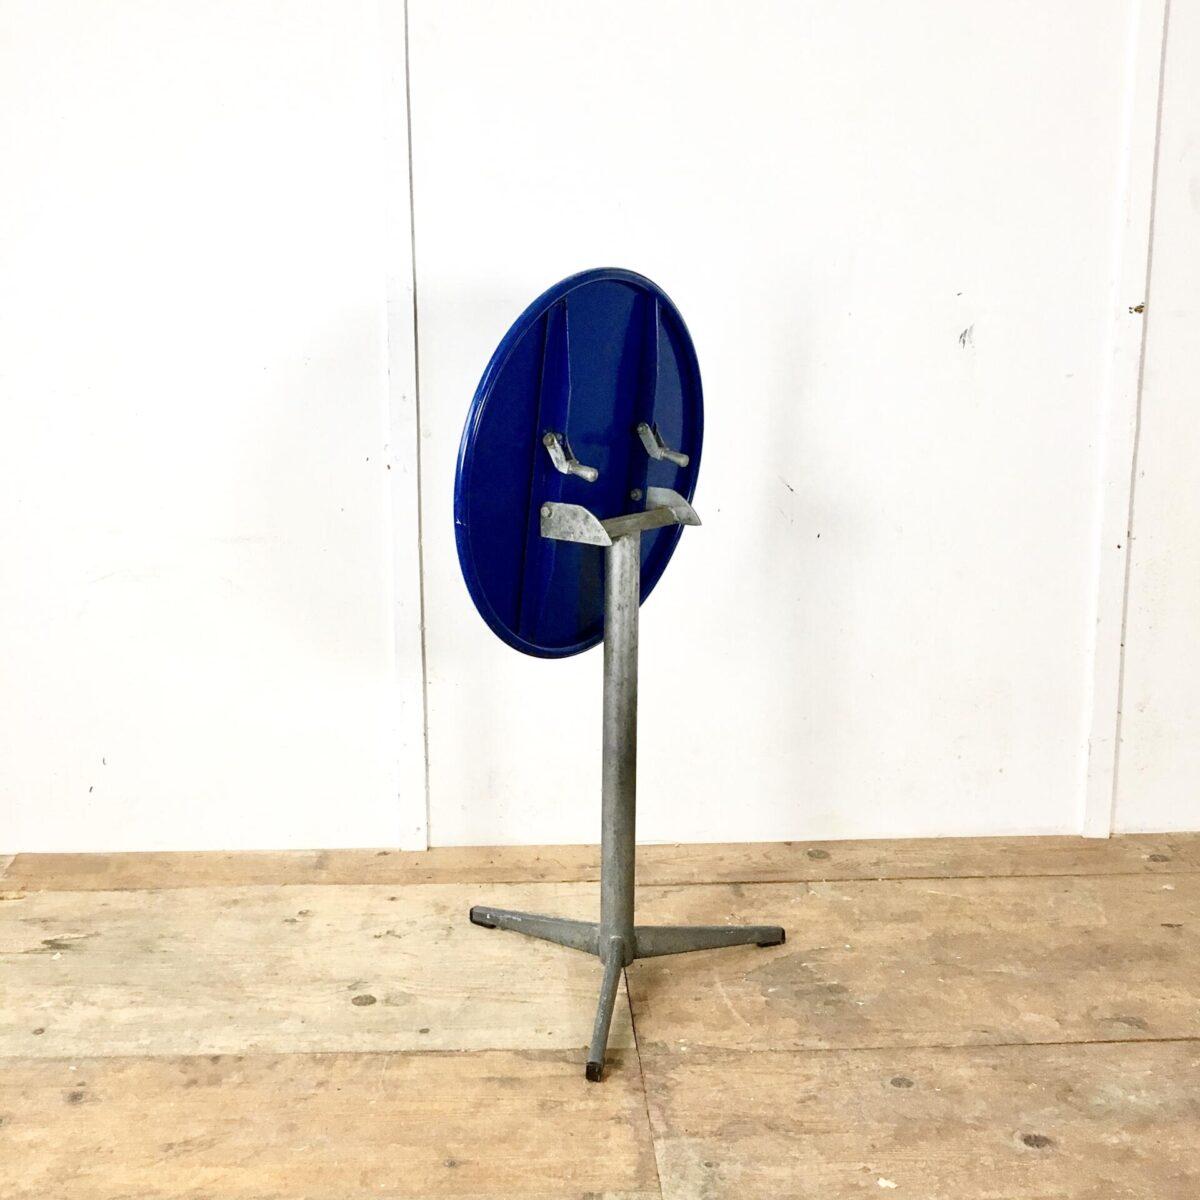 Kleiner runder Metall Gartentisch Durchmesser 55cm Höhe 70cm. Klapptisch Metall Fuss feuerverzinkt Tischblatt dunkelblau.